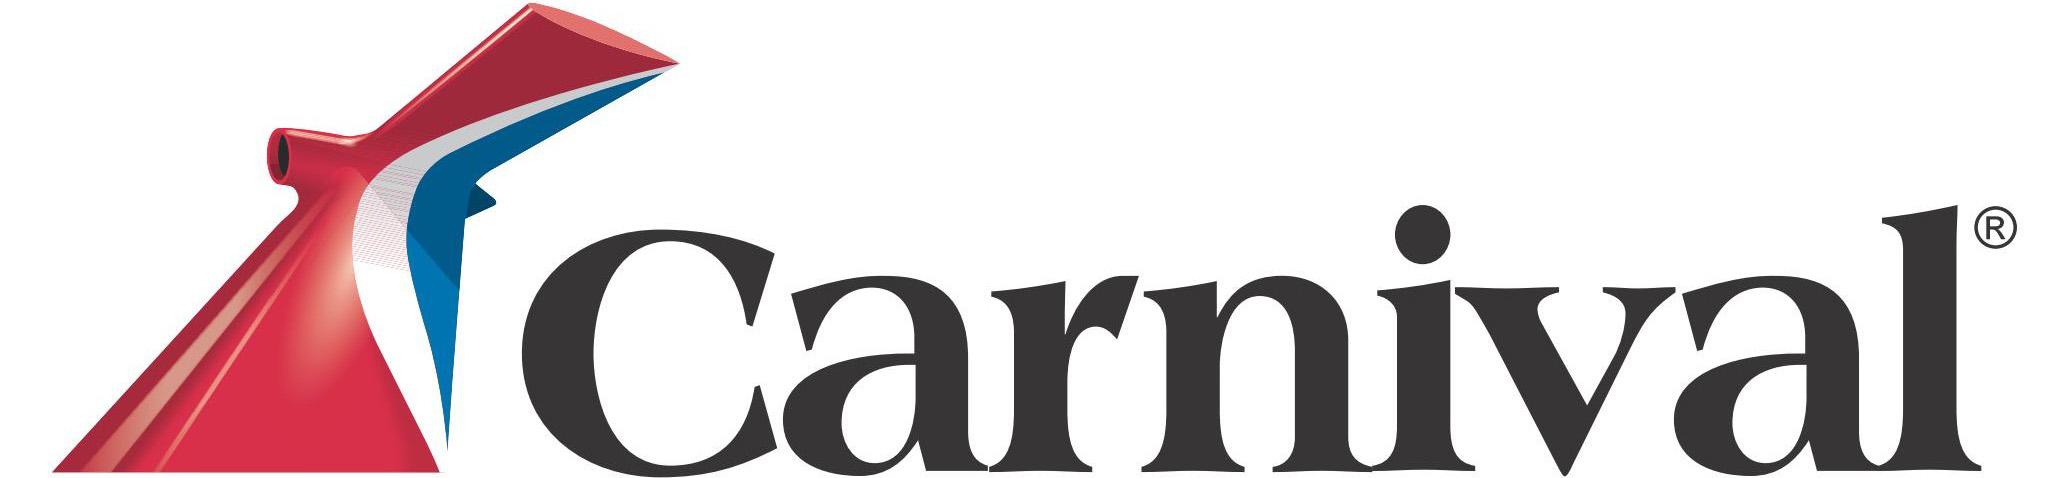 carnival_cruise_logo